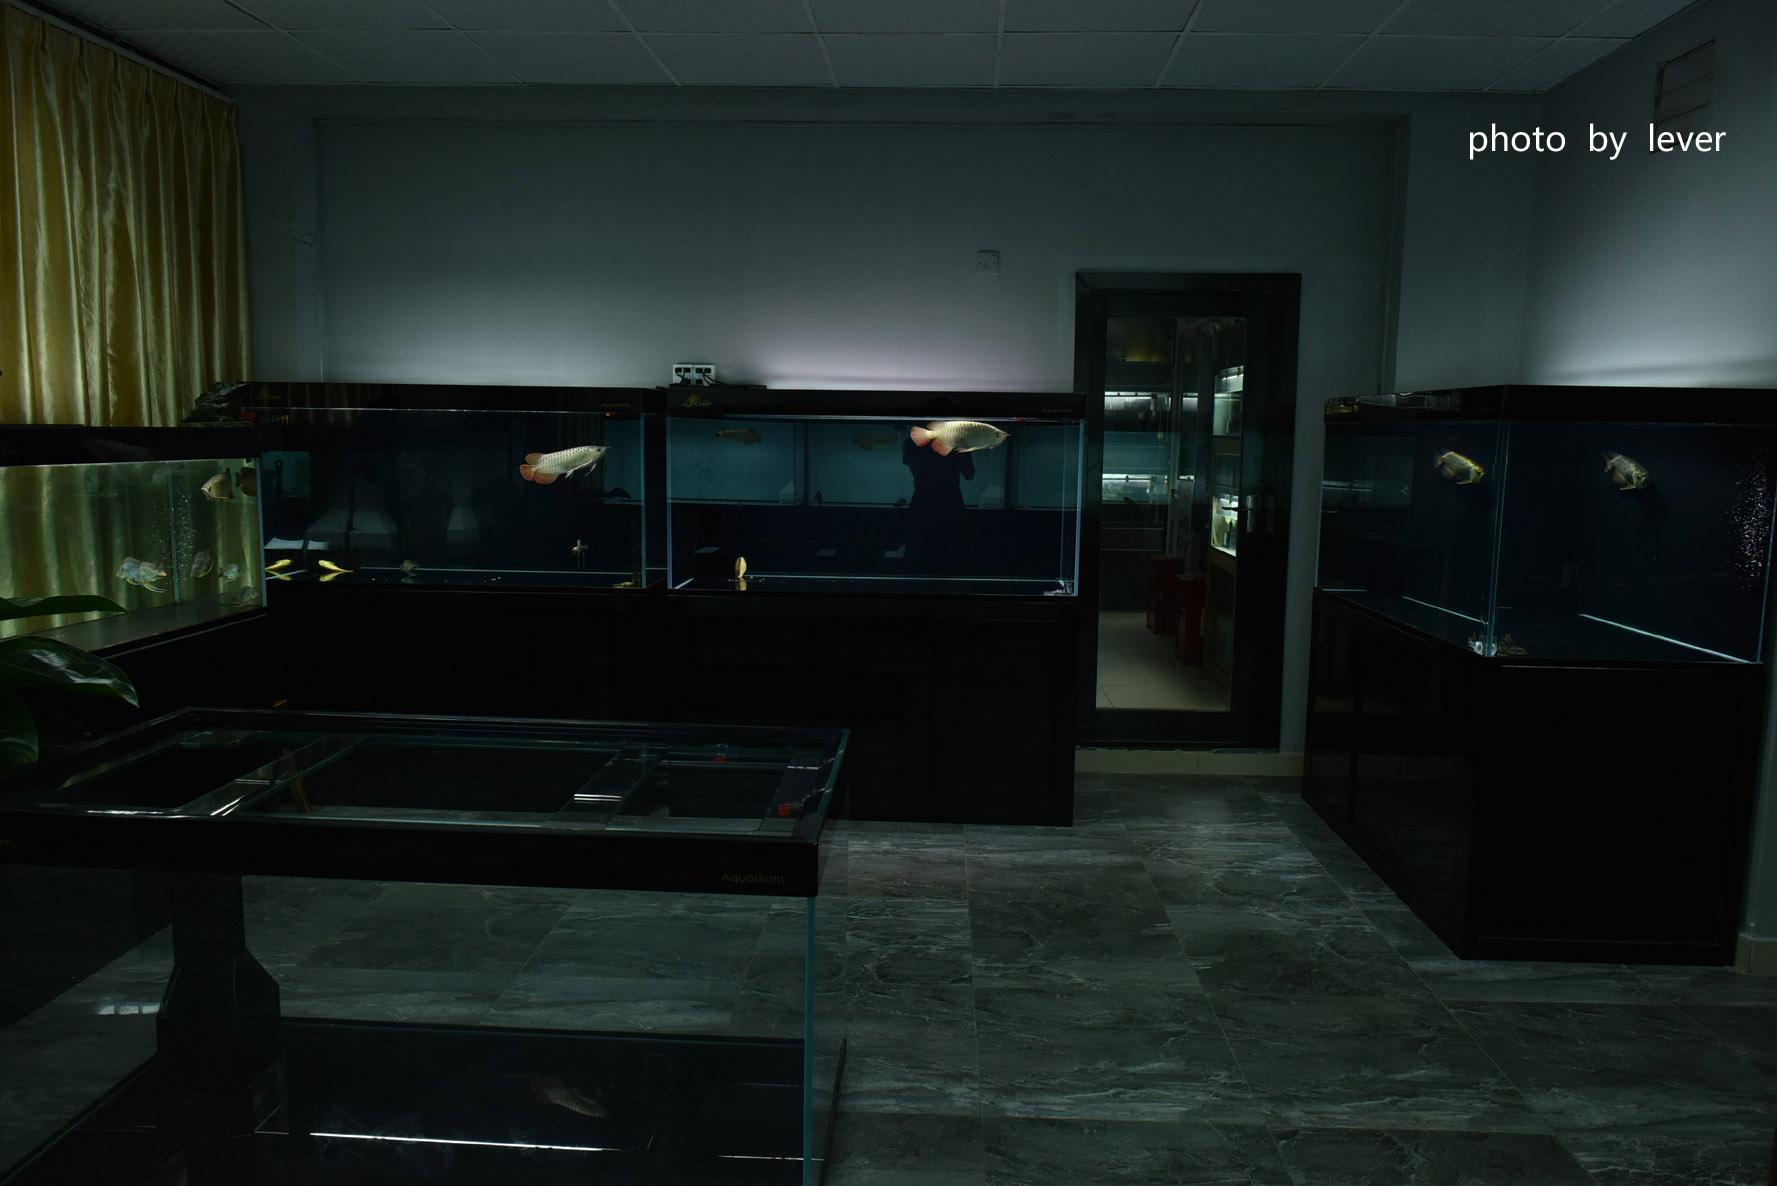 嗨我虽是杂文泰虎但也很多人喜欢我哟 西安观赏鱼信息 西安博特第19张